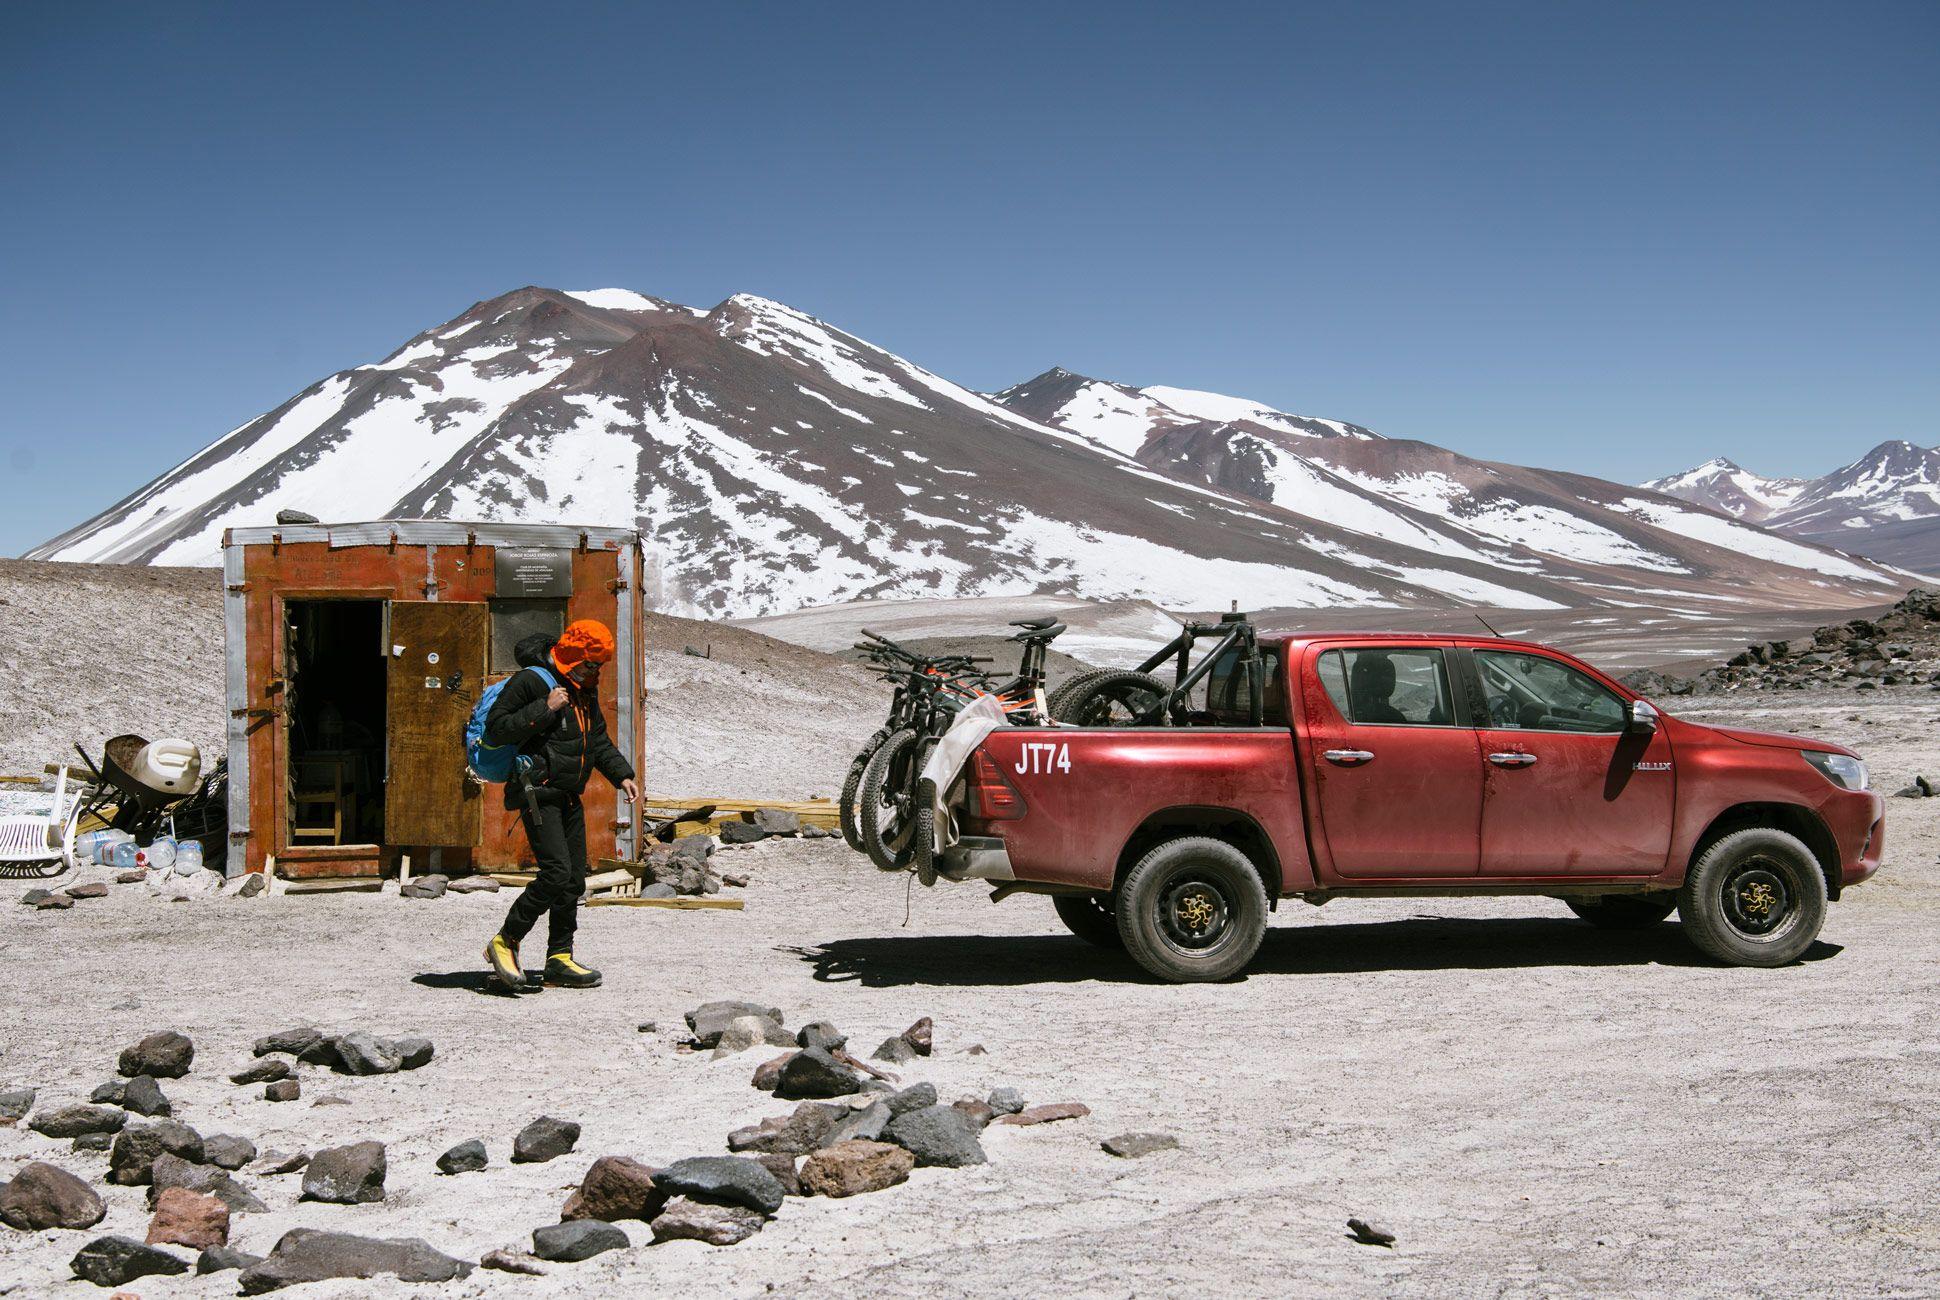 Volcano-Hike-Bike-Gear-Patrol-10